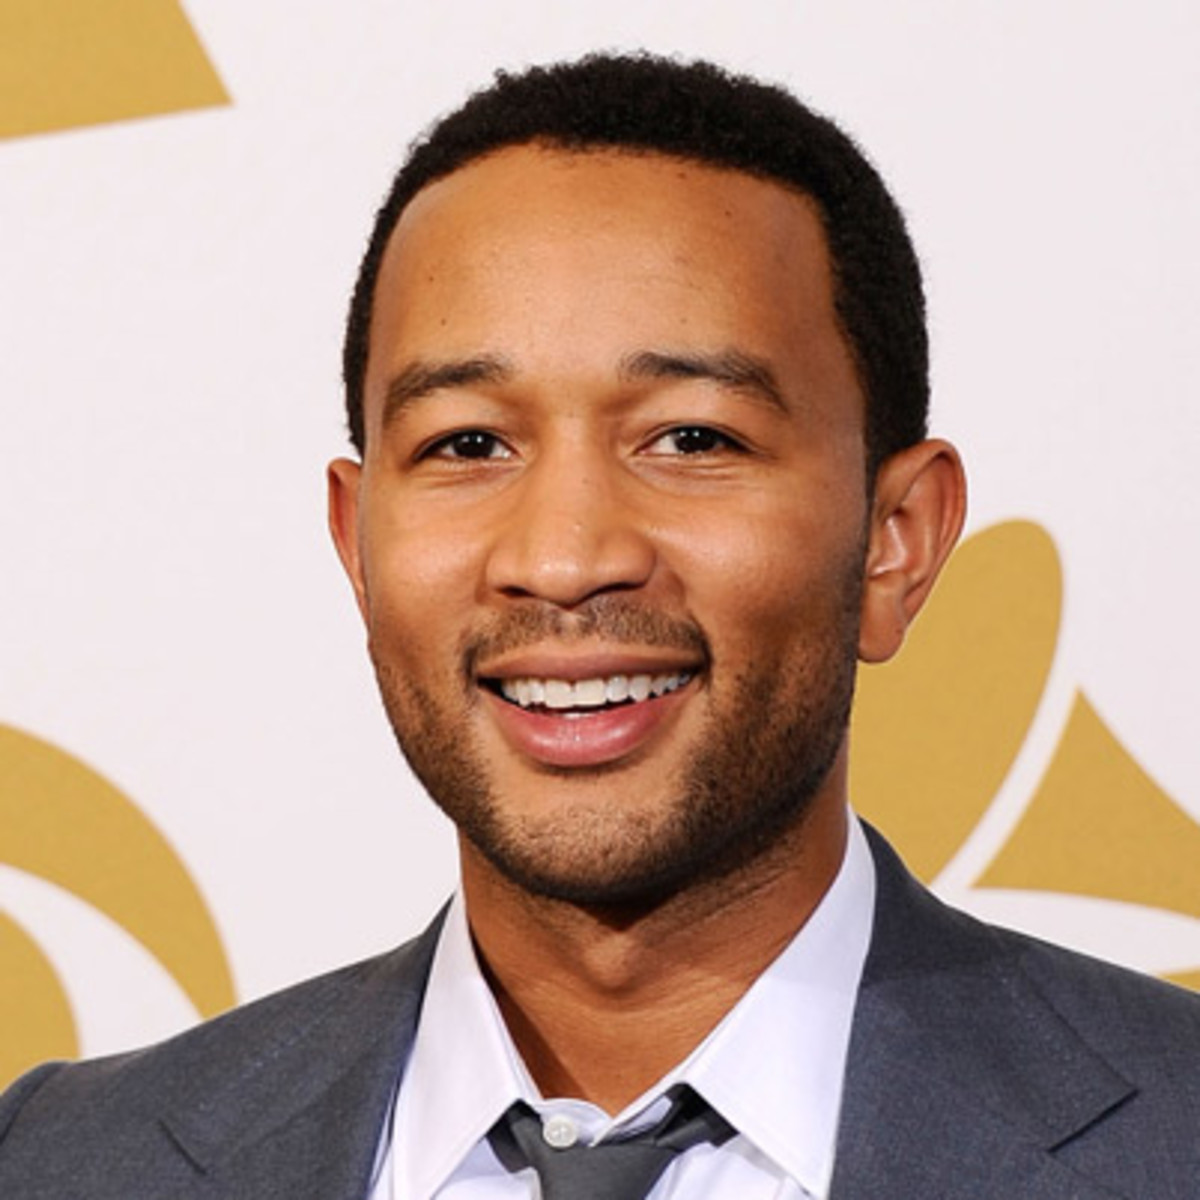 John Legend è l'uomo più sexy del mondo, lo dice People